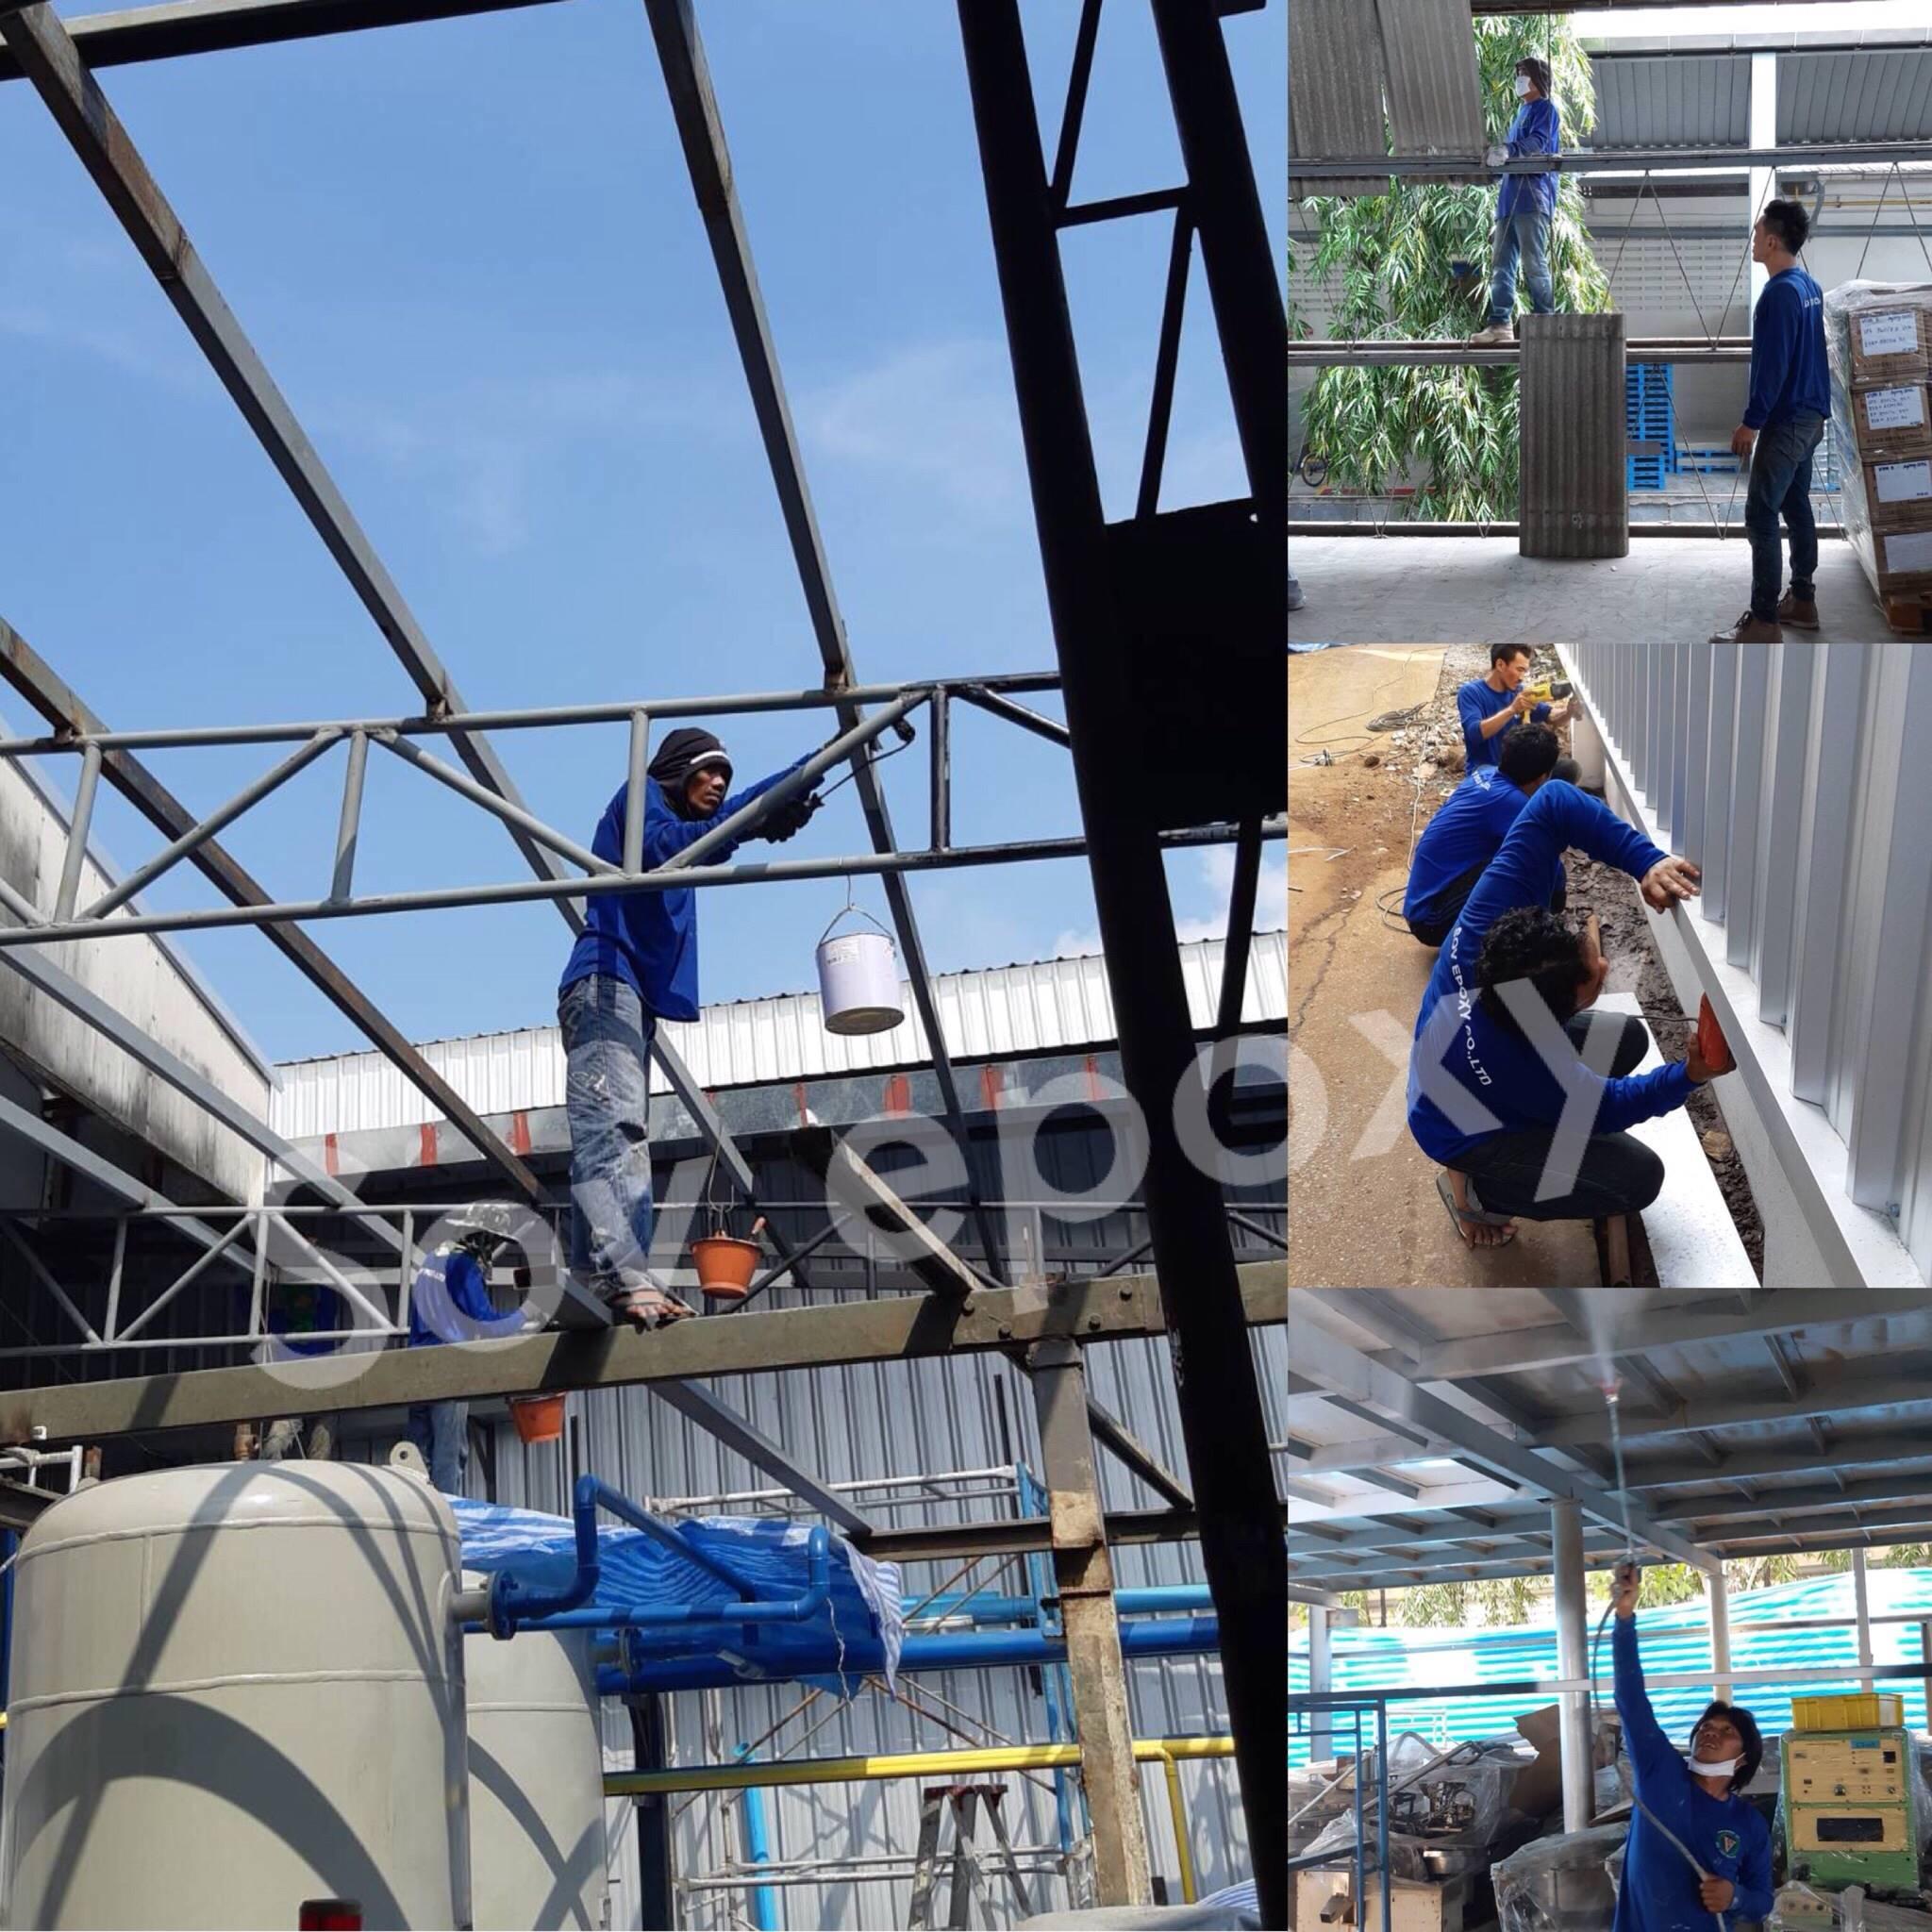 ปรับปรุงโครงเคร่าเหล็ก โรงงานจินซาน อาคาร 2 1